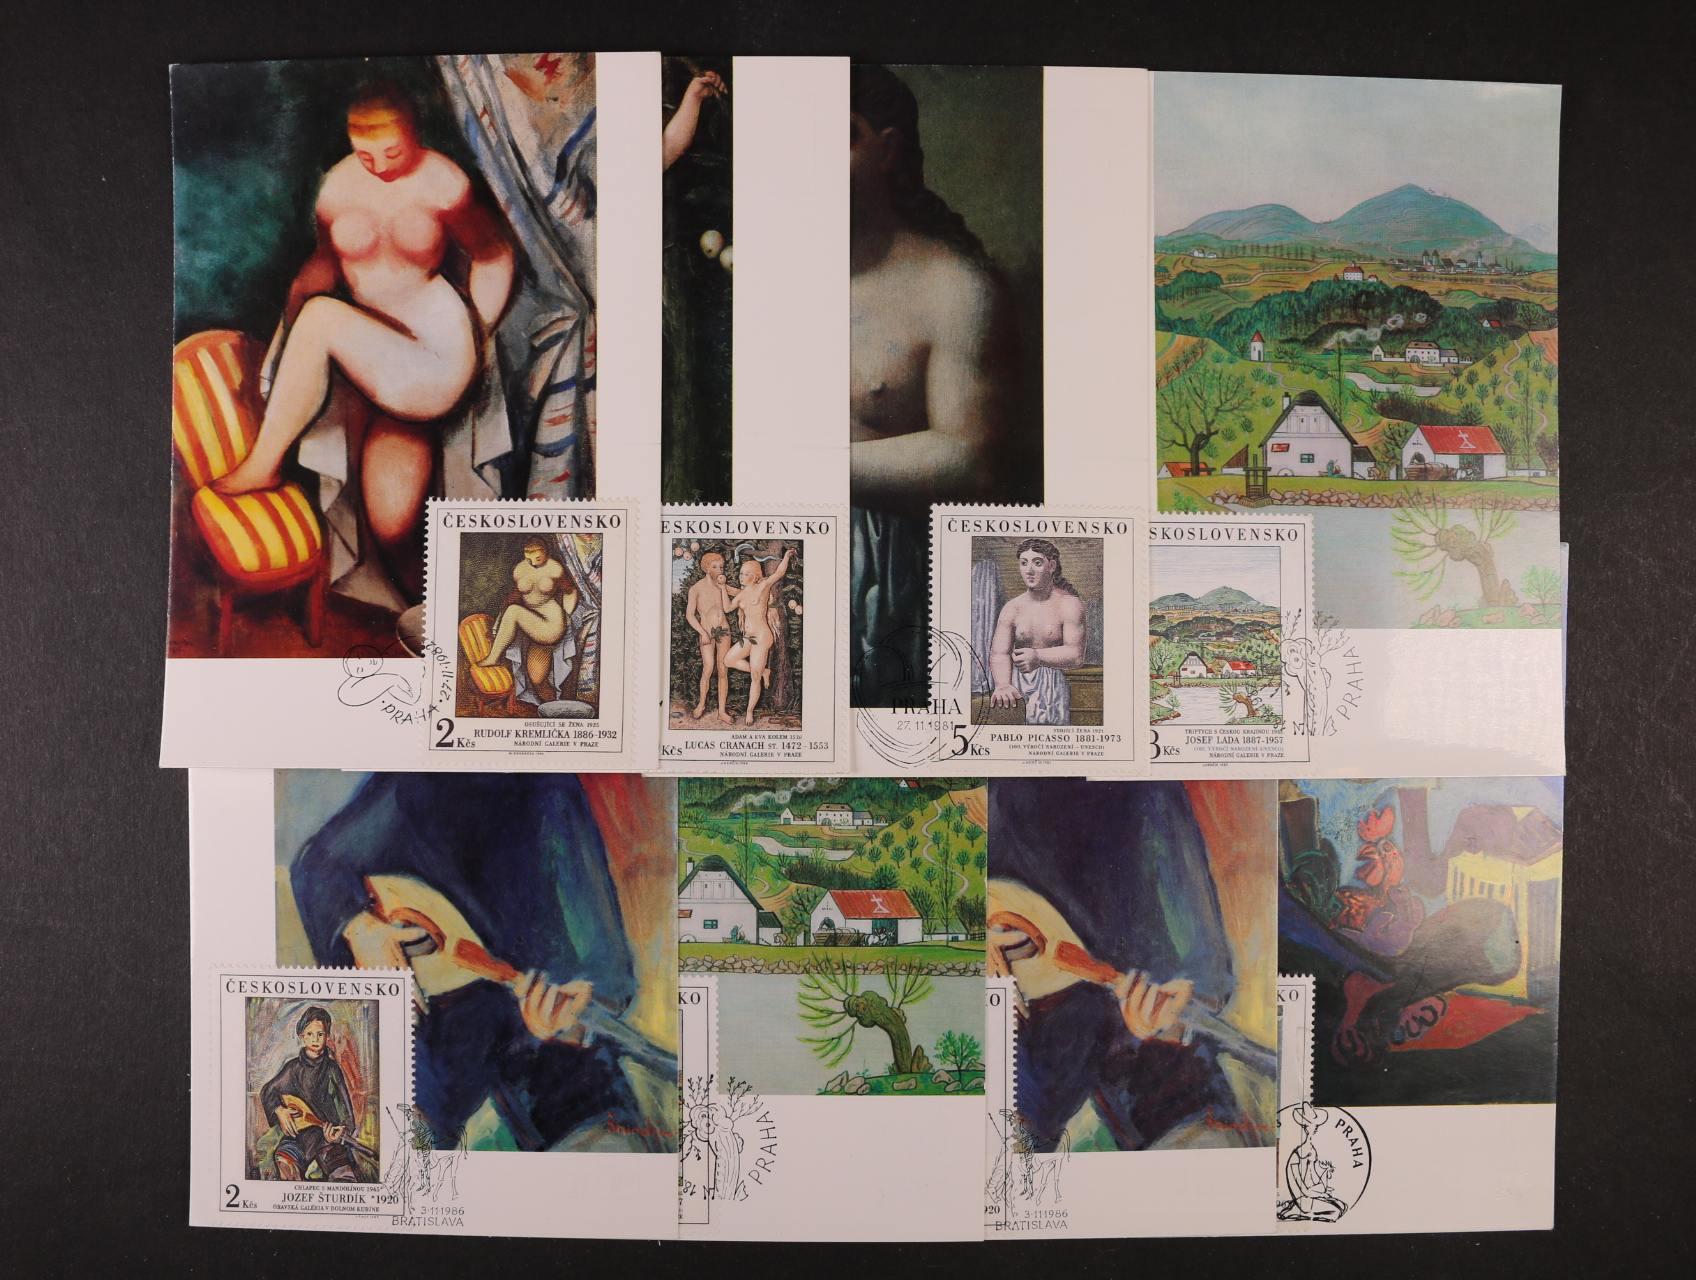 sestava 18 ks CM z let 1967 - 87 s náměty umění